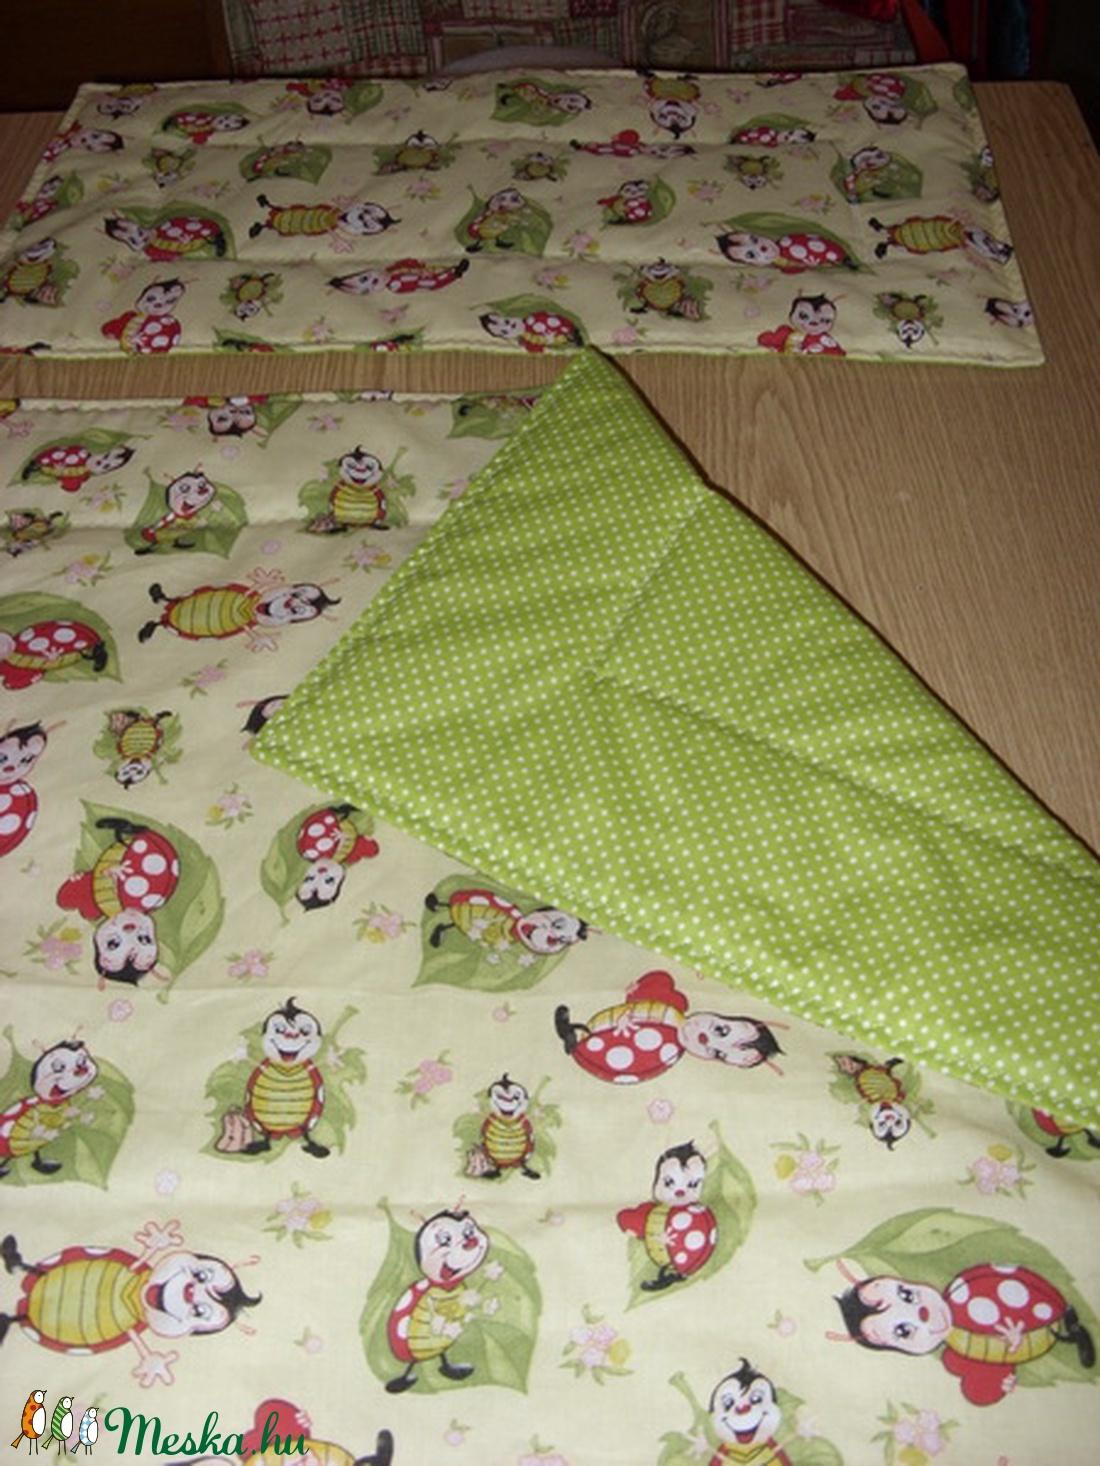 Baglyos és katicás - sok féle Ovis szett - töltött ágynemű . - paplan és párna - játék & gyerek - Meska.hu